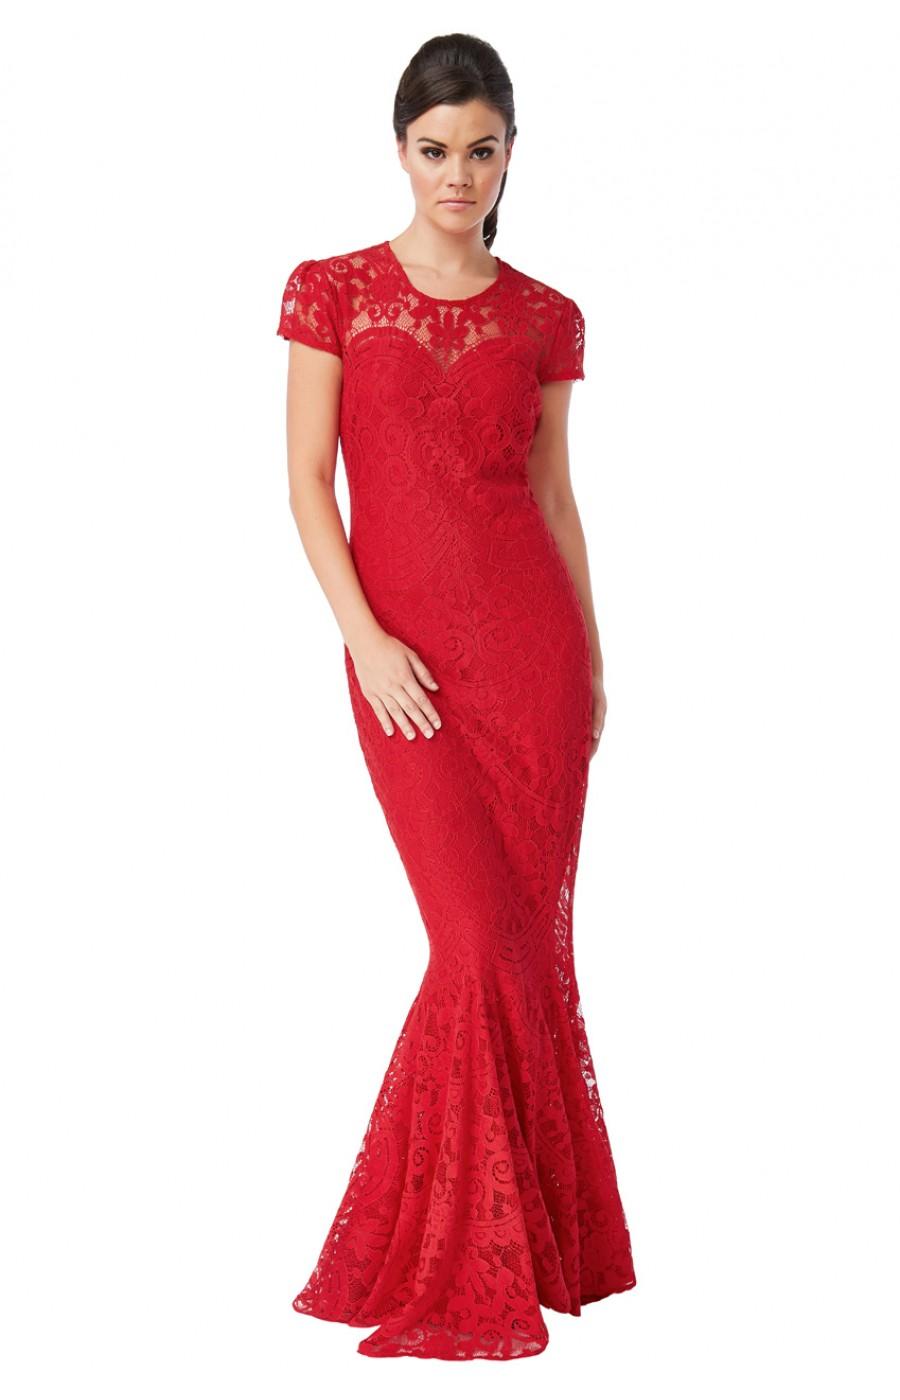 Κόκκινο δαντελένιο φόρεμα με μανικάκι